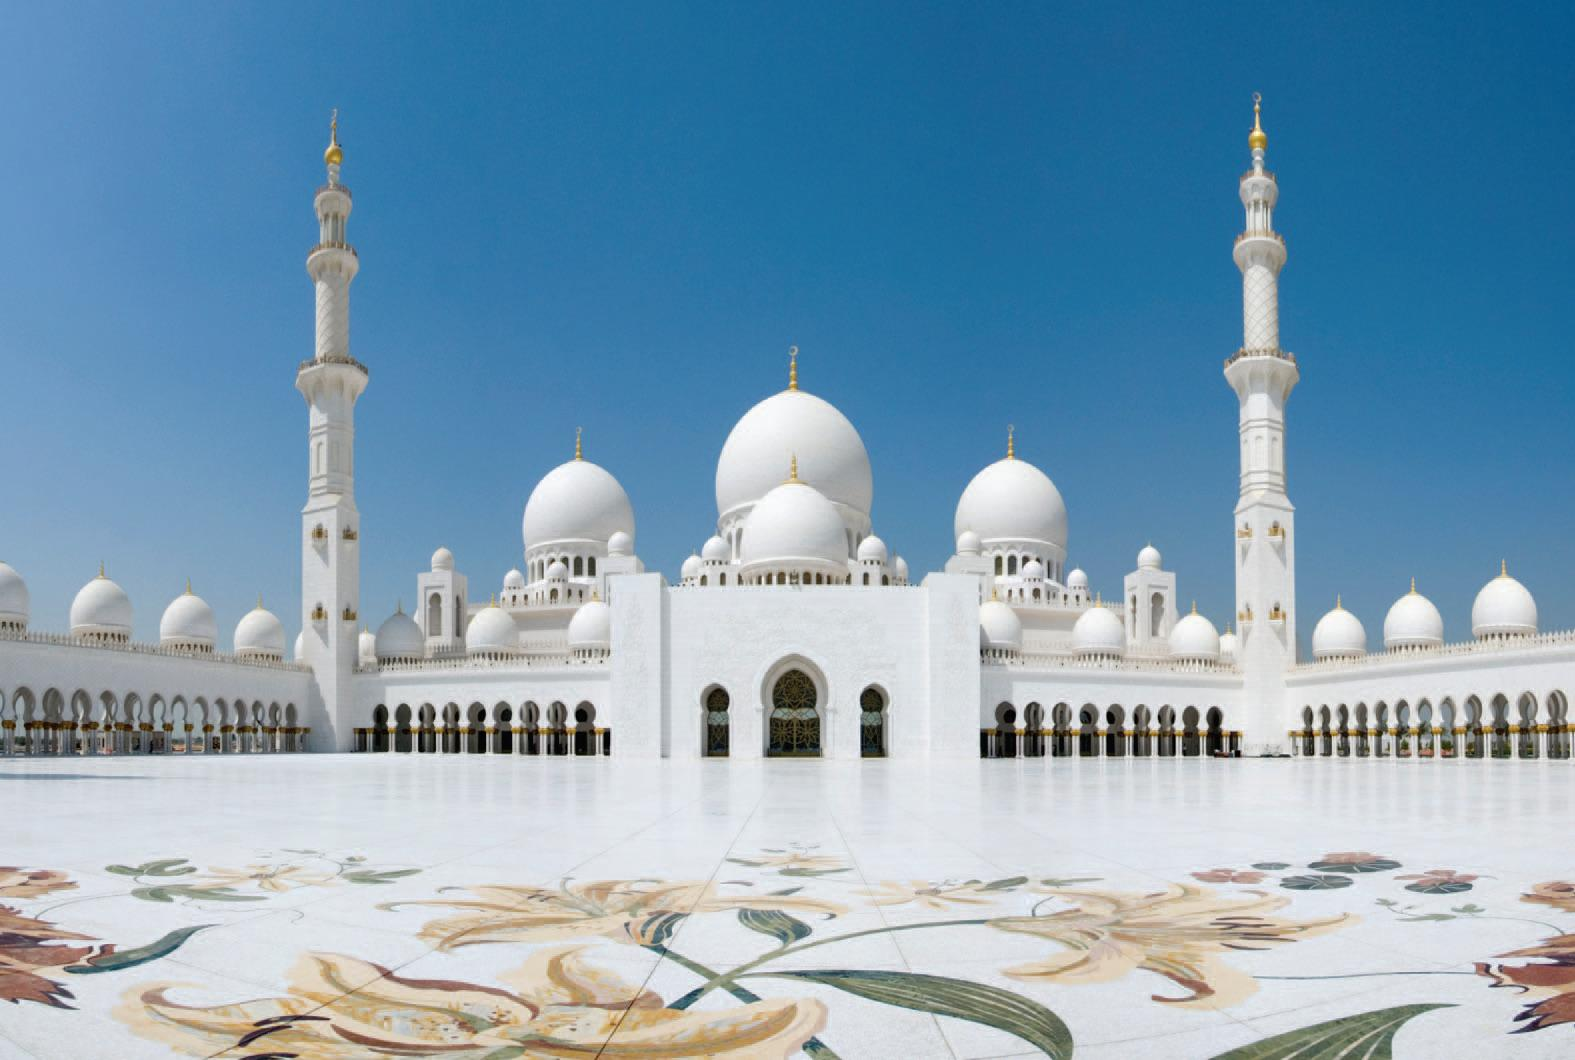 بالصور تفاسير رؤى المساجد فى المنام , تعرف على تفسير حلم رؤية المسجد في المنام لابن كثير لابن سيرين و النابلسي اني في المسجد رؤى جديده